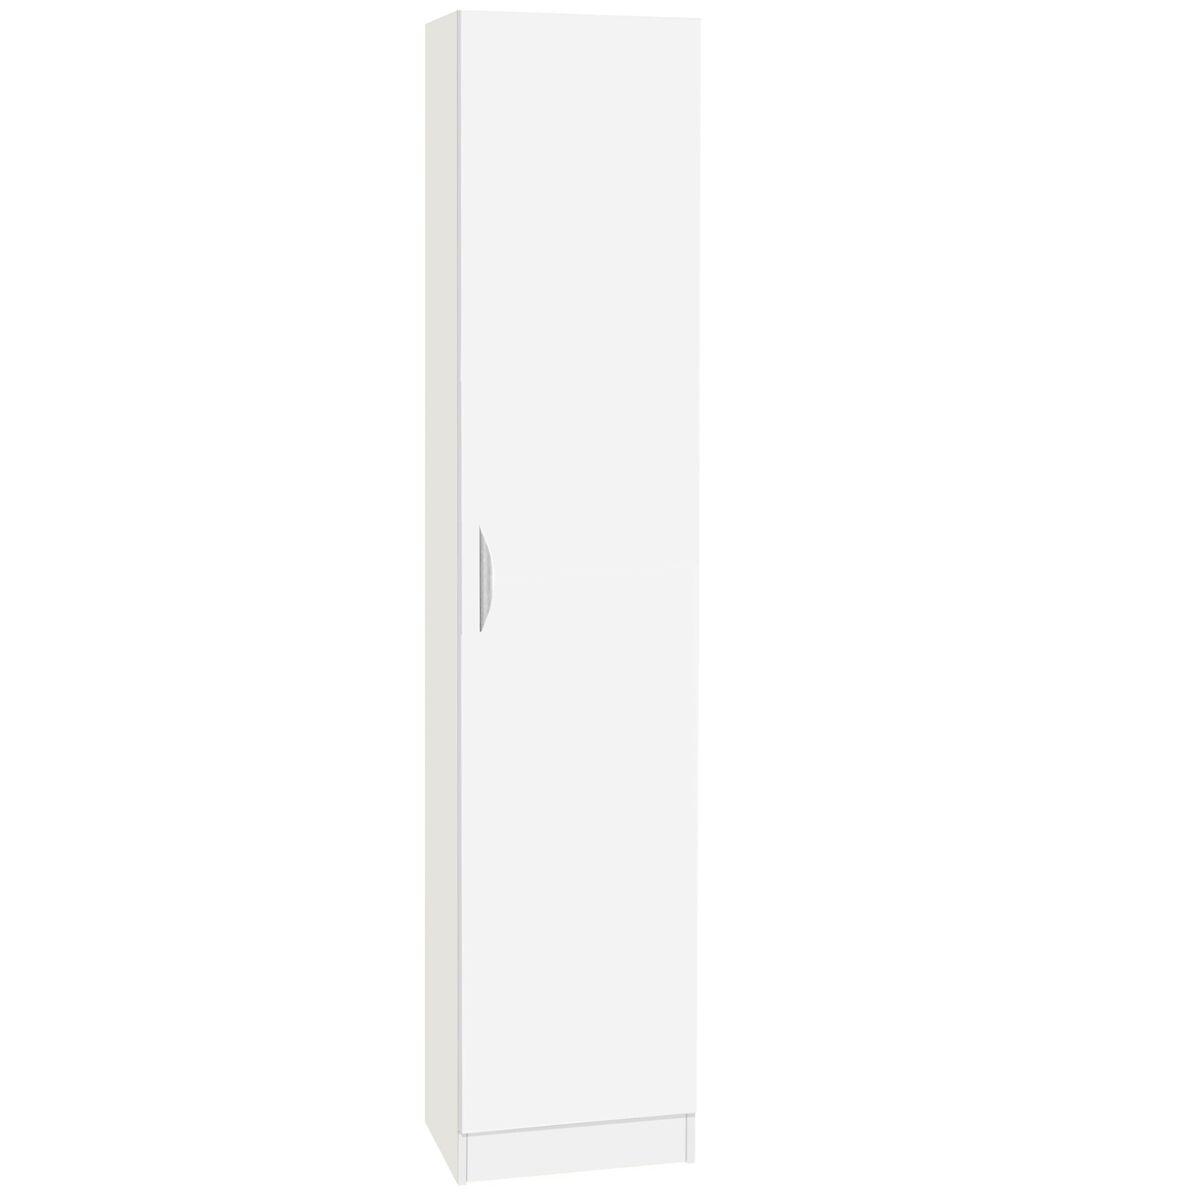 R White Tall Cupboard Storage White